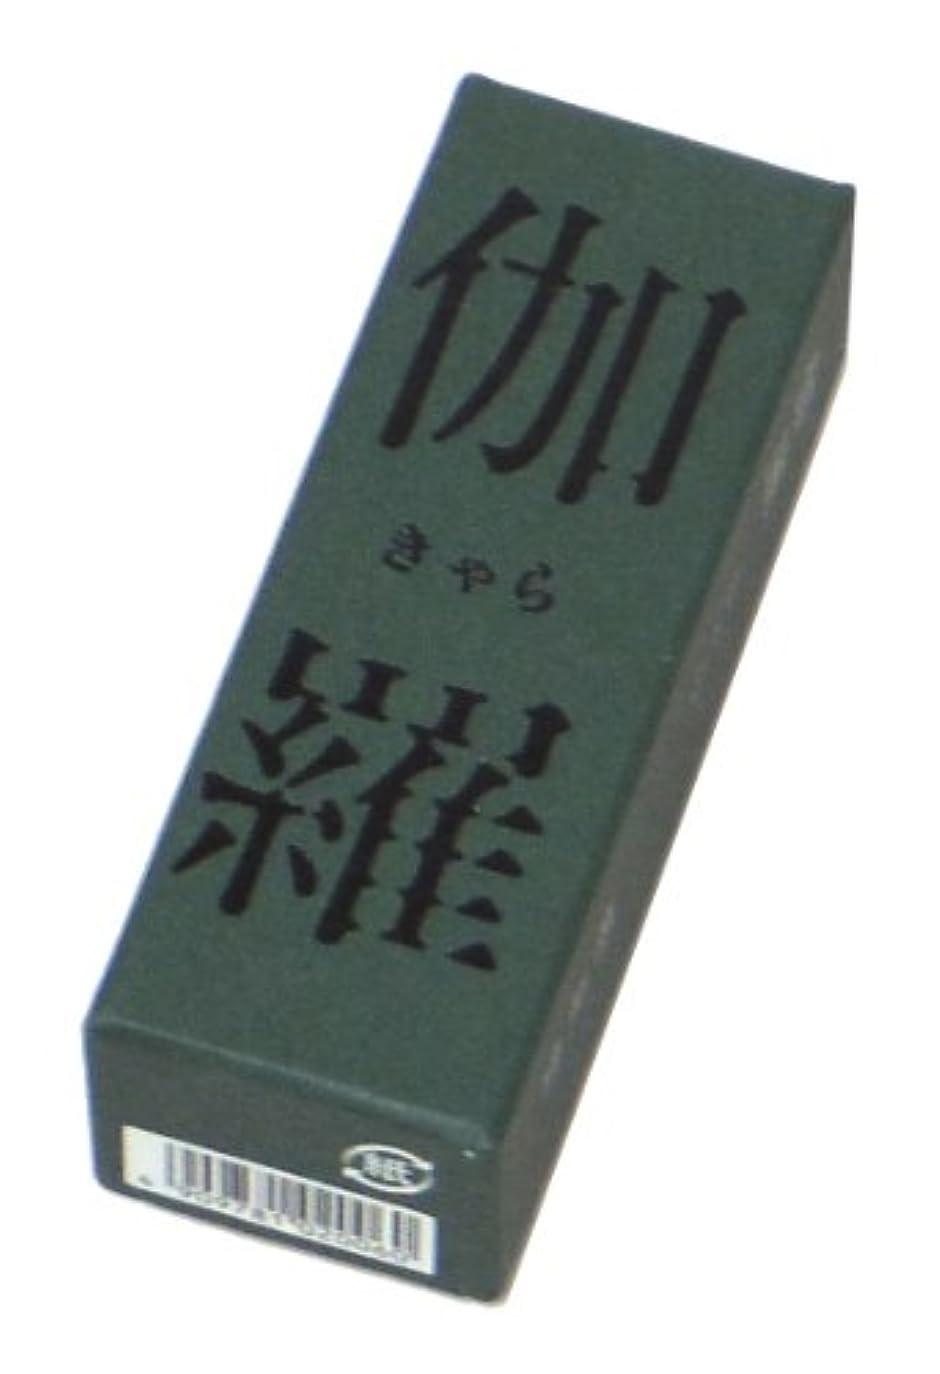 放置魔法ズボン鳩居堂のお香 香木の香り 伽羅 20本入 6cm